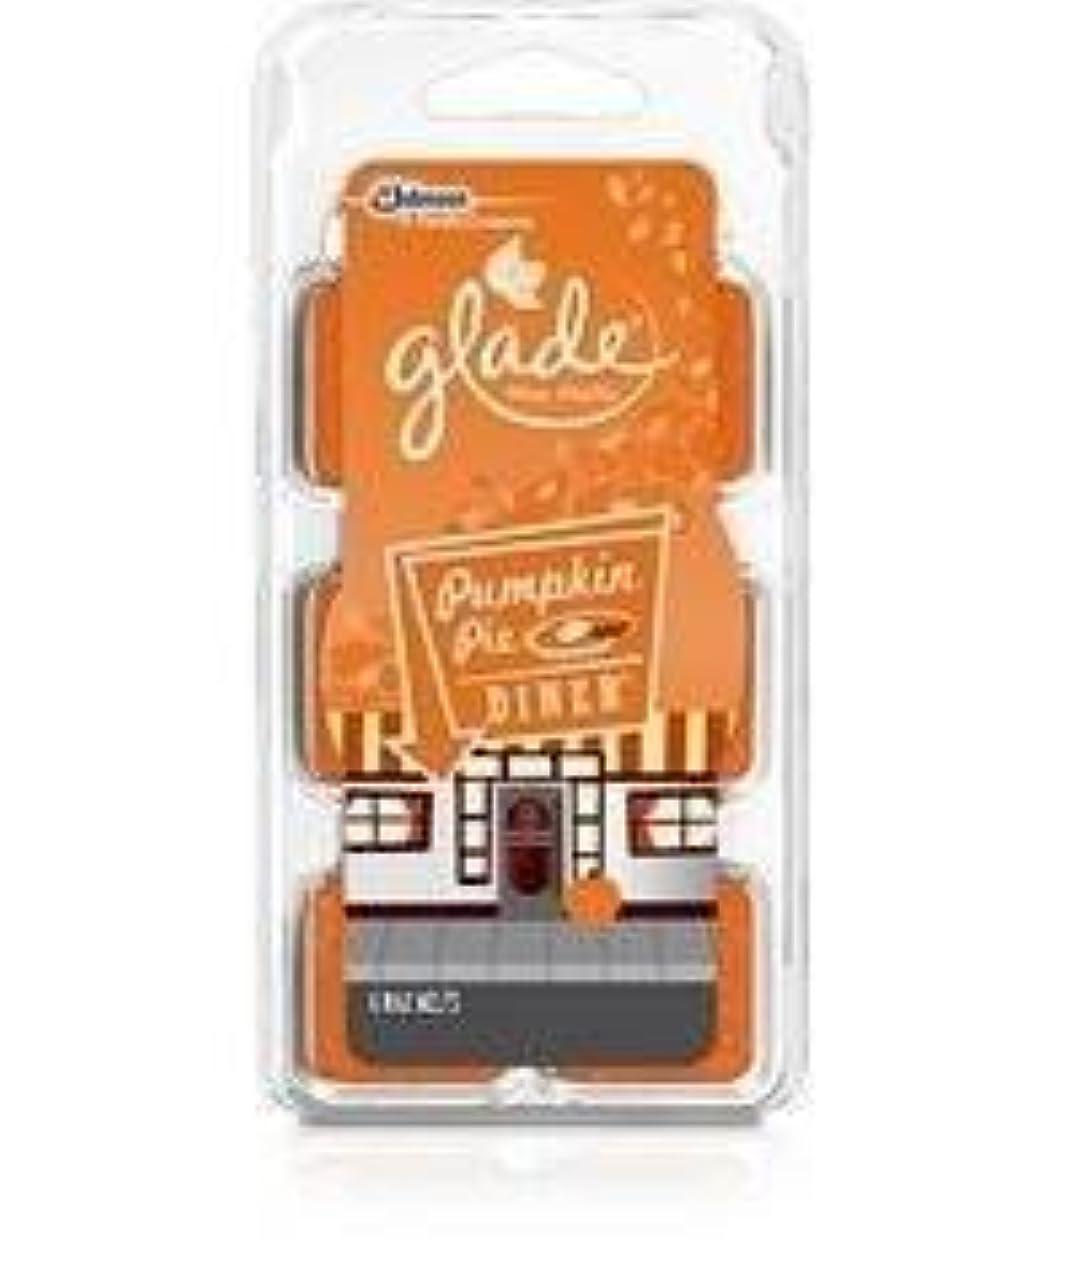 絶妙バーベキュー収入GladeワックスMelts – Limited Edition冬コレクションfor the Holidays ( 3、パンプキンパイDiner ) by SCジョンソン